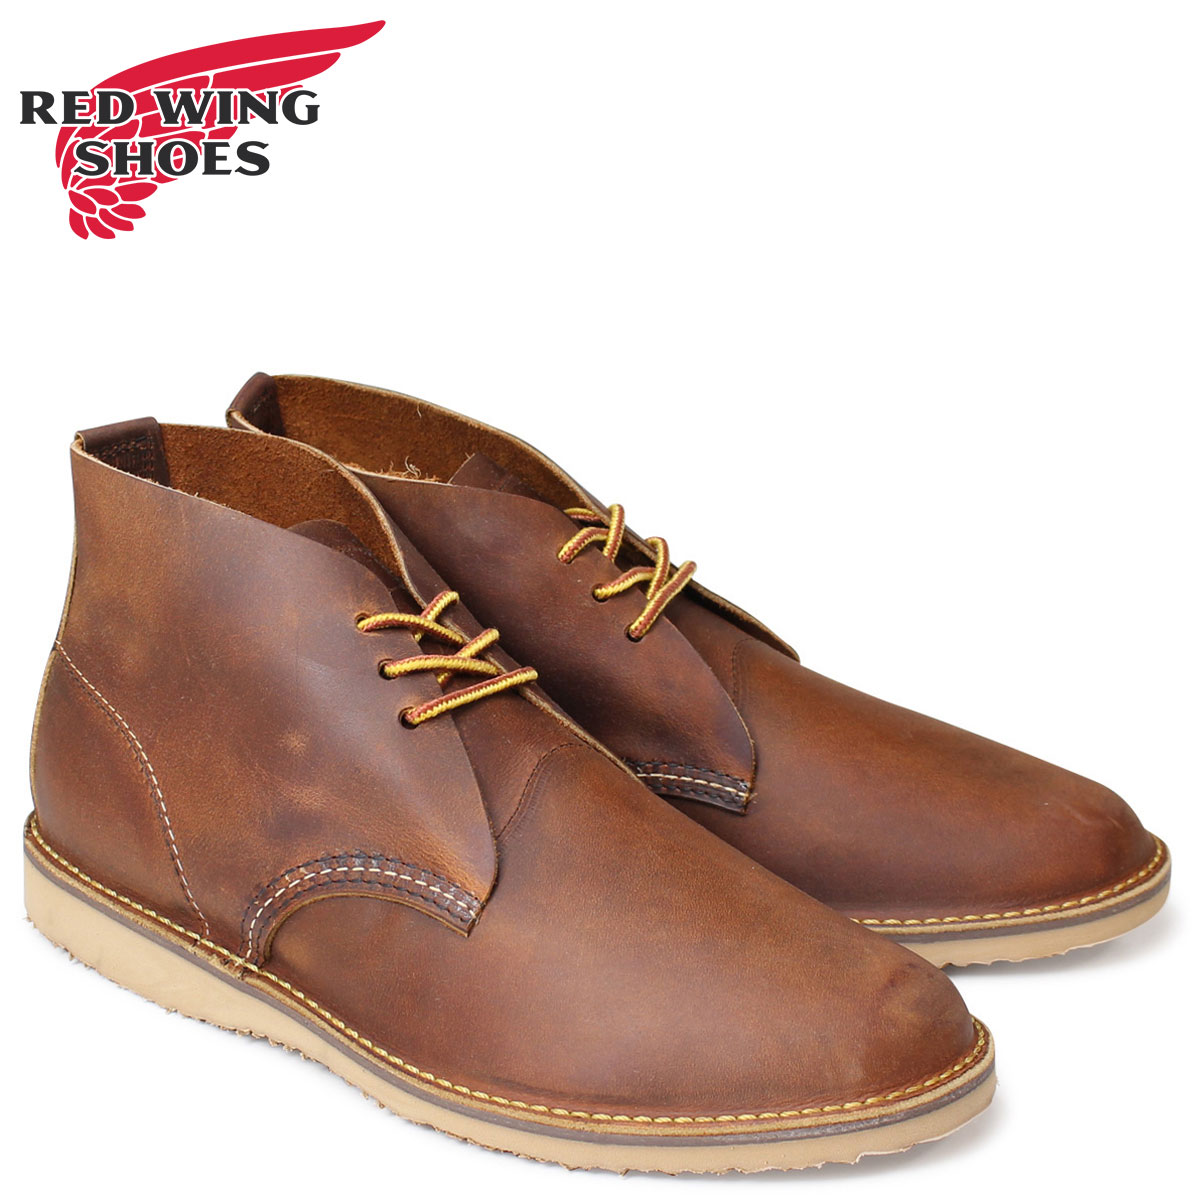 RED WING レッドウィング ブーツ チャッカブーツ メンズ WEEKENDER CHUKKA Dワイズ ブラウン 3322